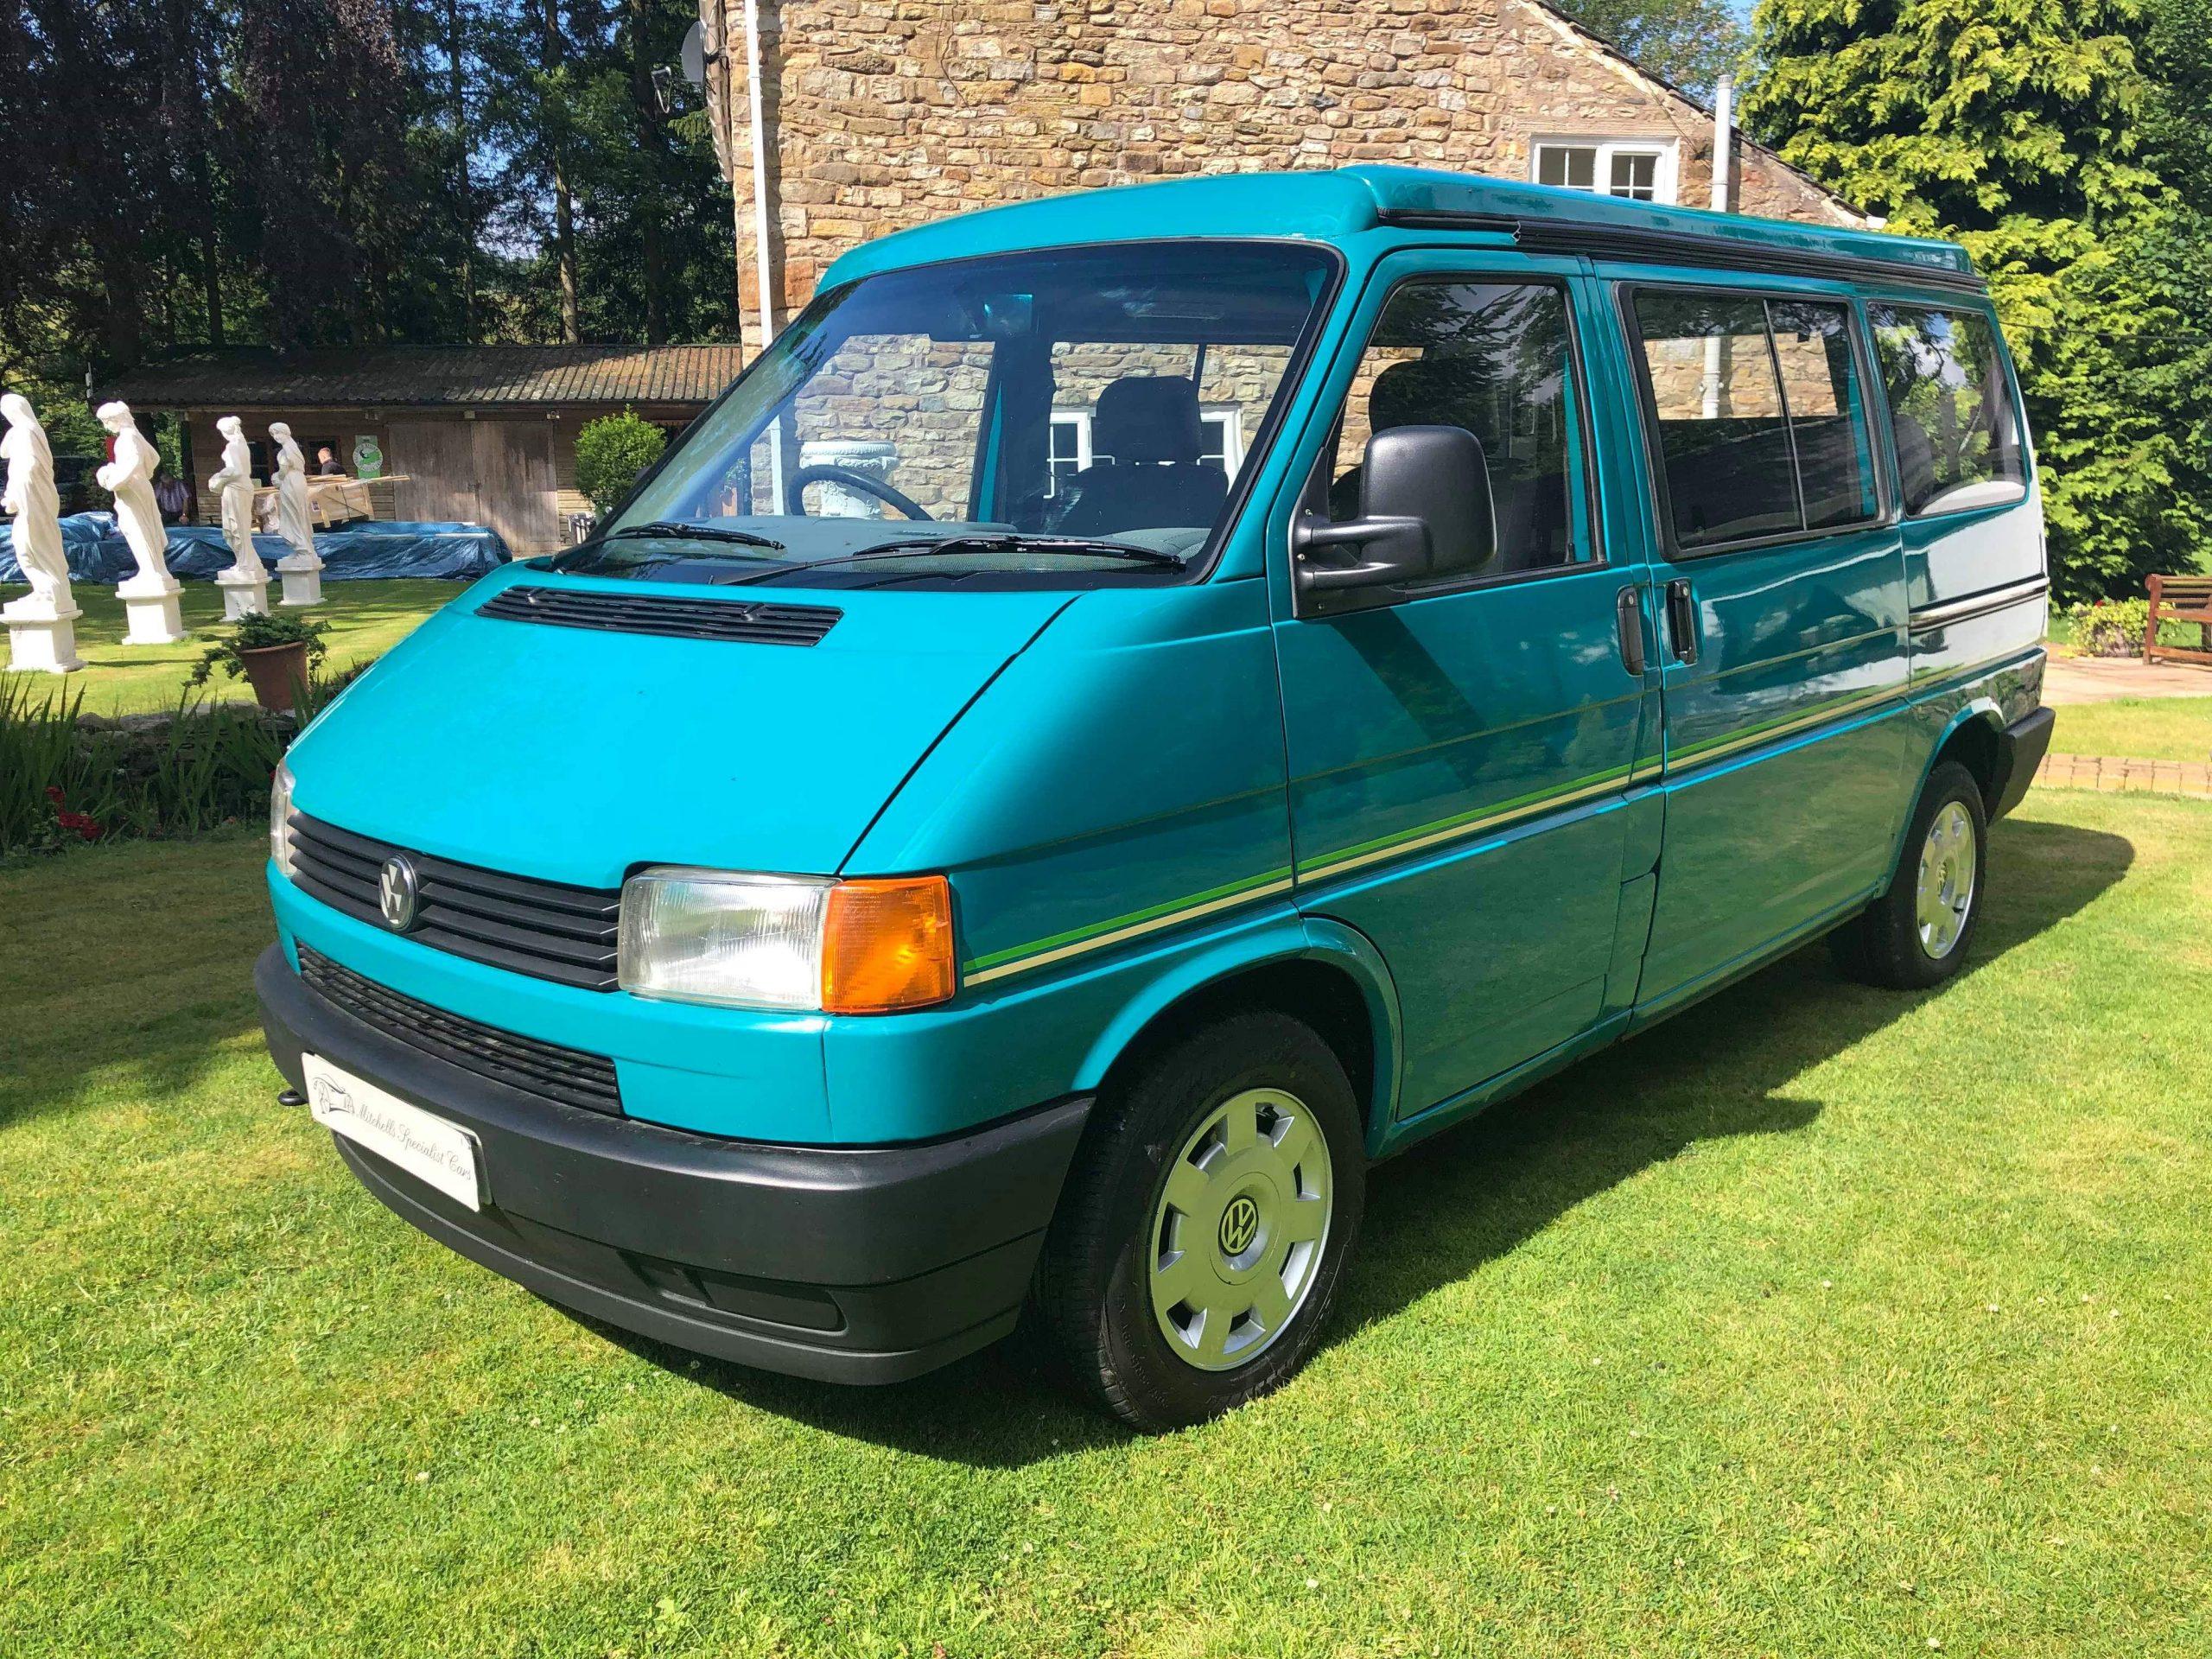 Vw T4 Transporter 1996 Bilbo's